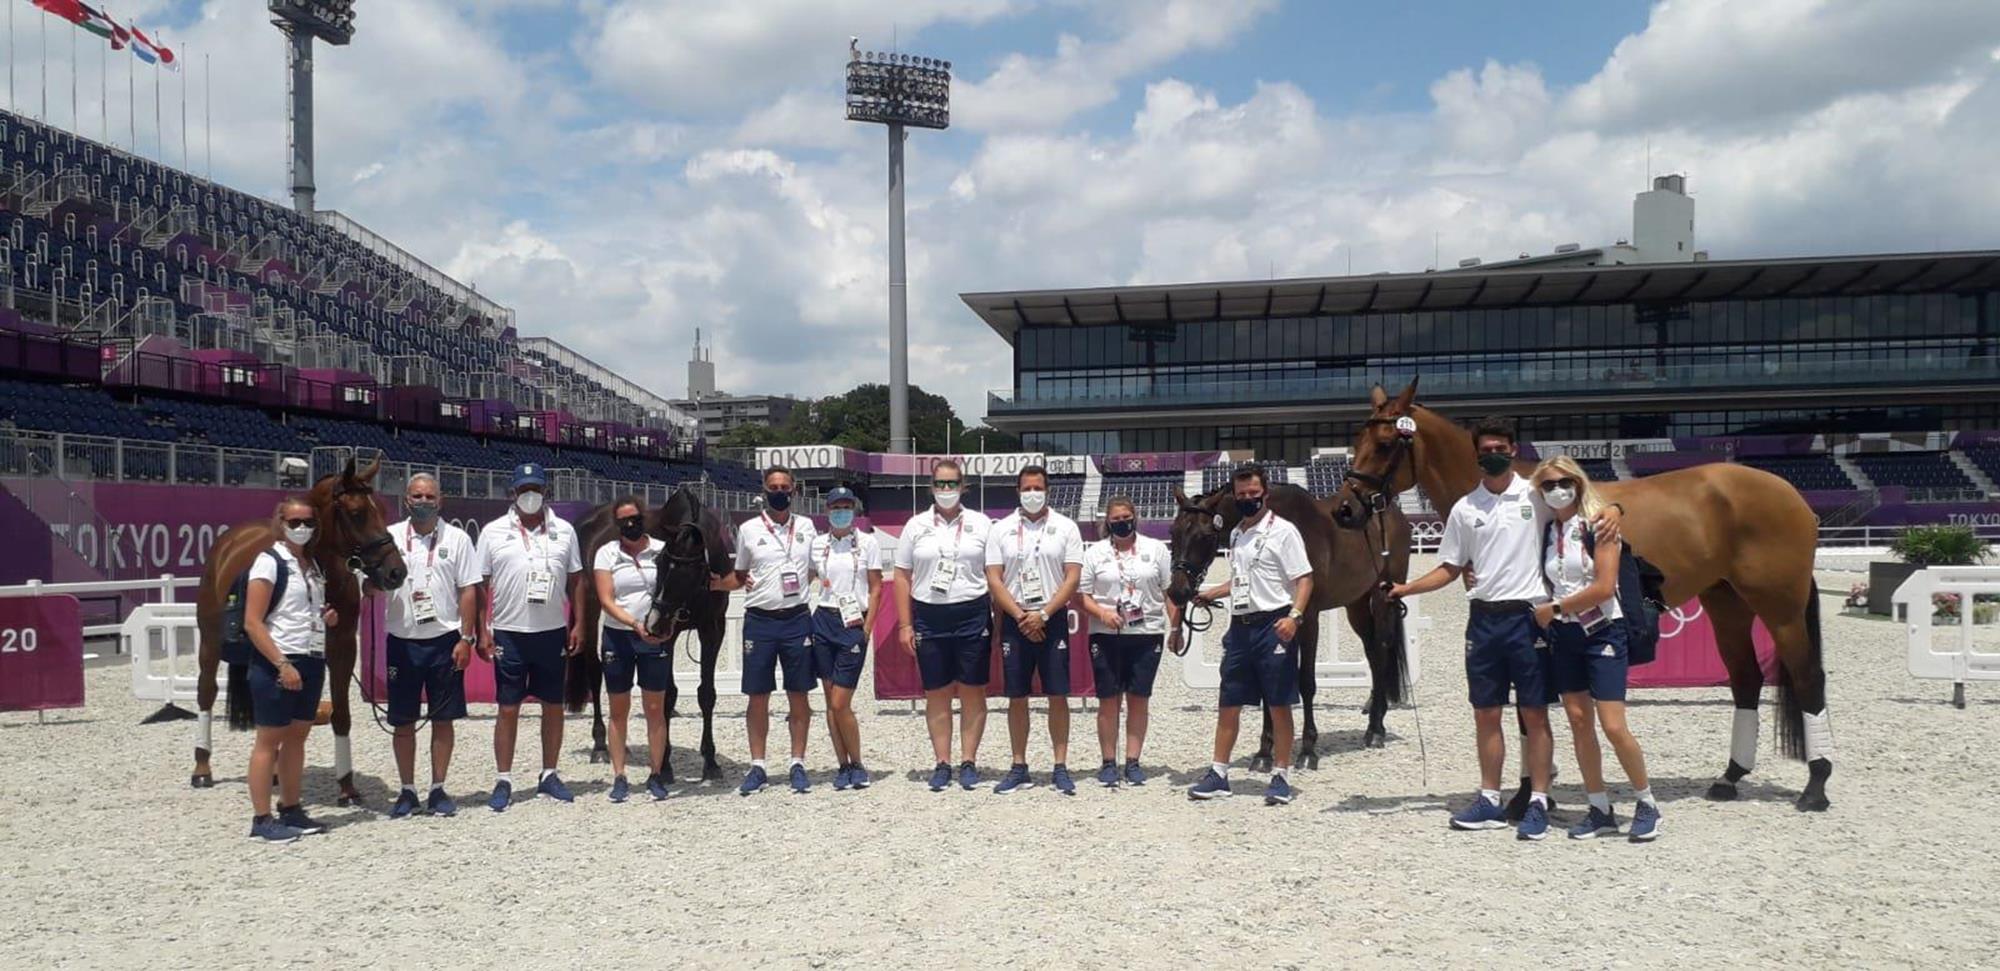 preparativos cce, cce, tokyo 2021, Concurso Completo de Equitação, Divulgação